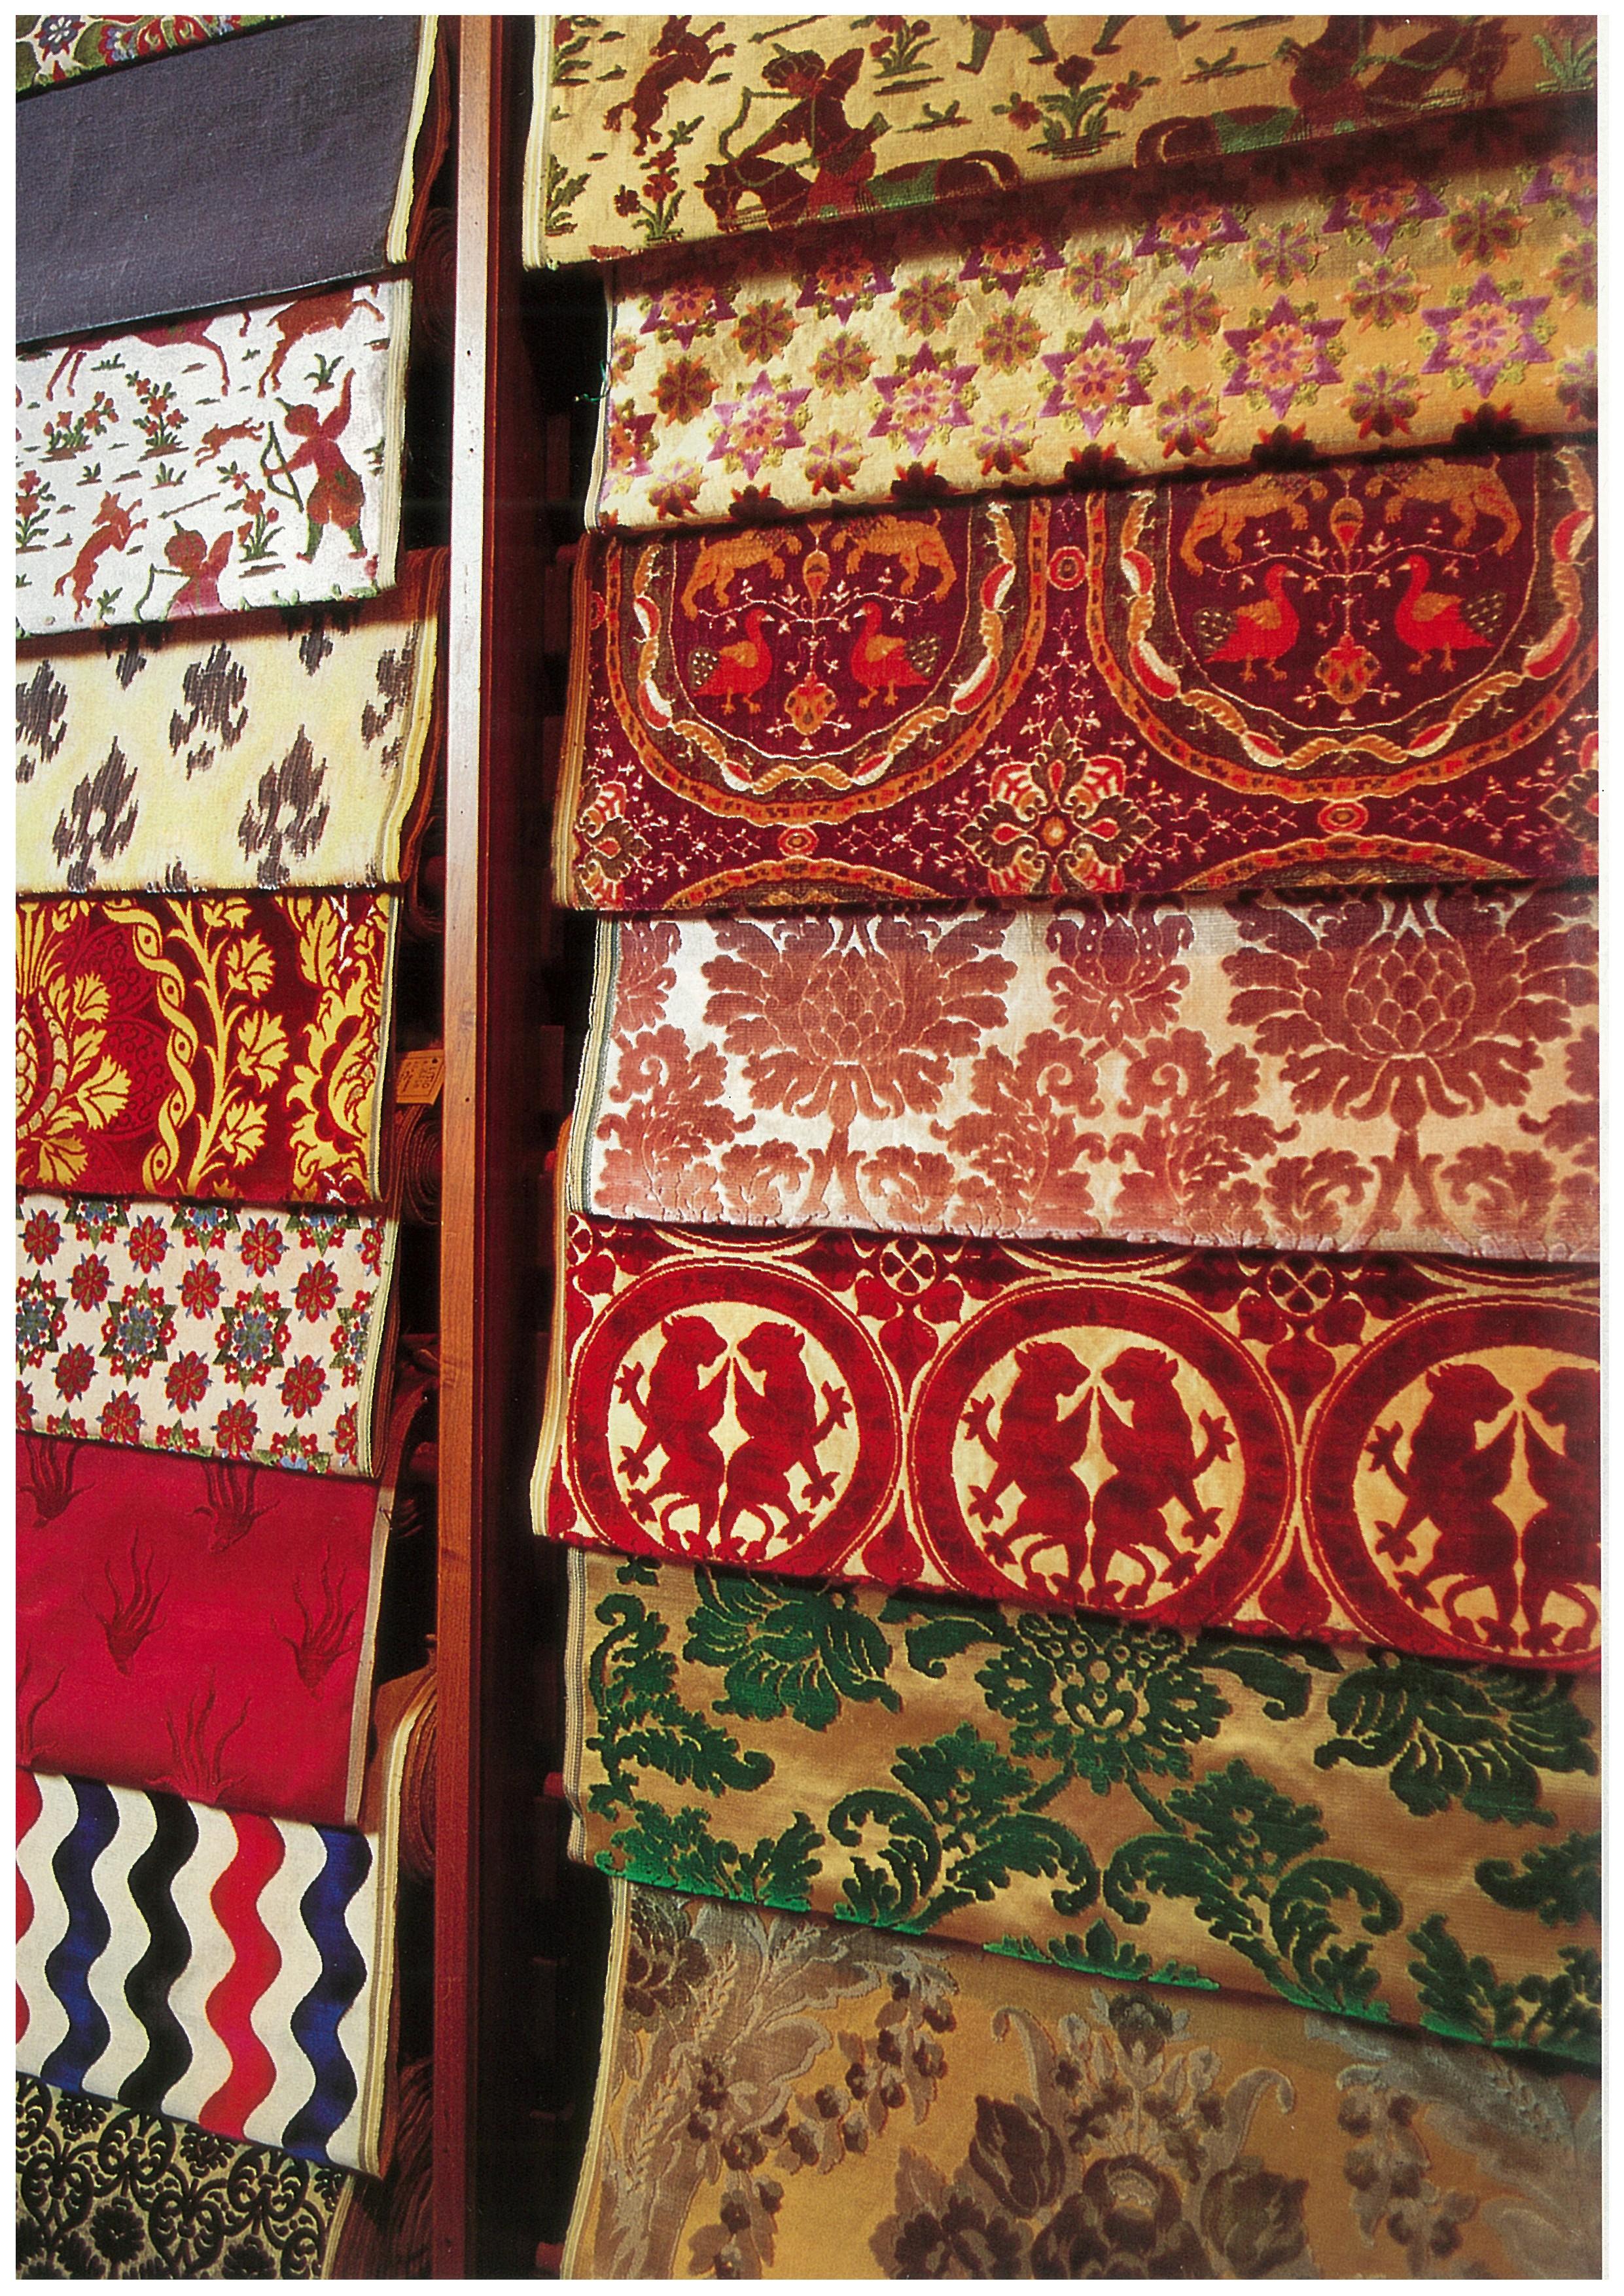 Giuseppe lisio tessitore di ogni colore fondazione lisio for Scampoli tessuti arredamento